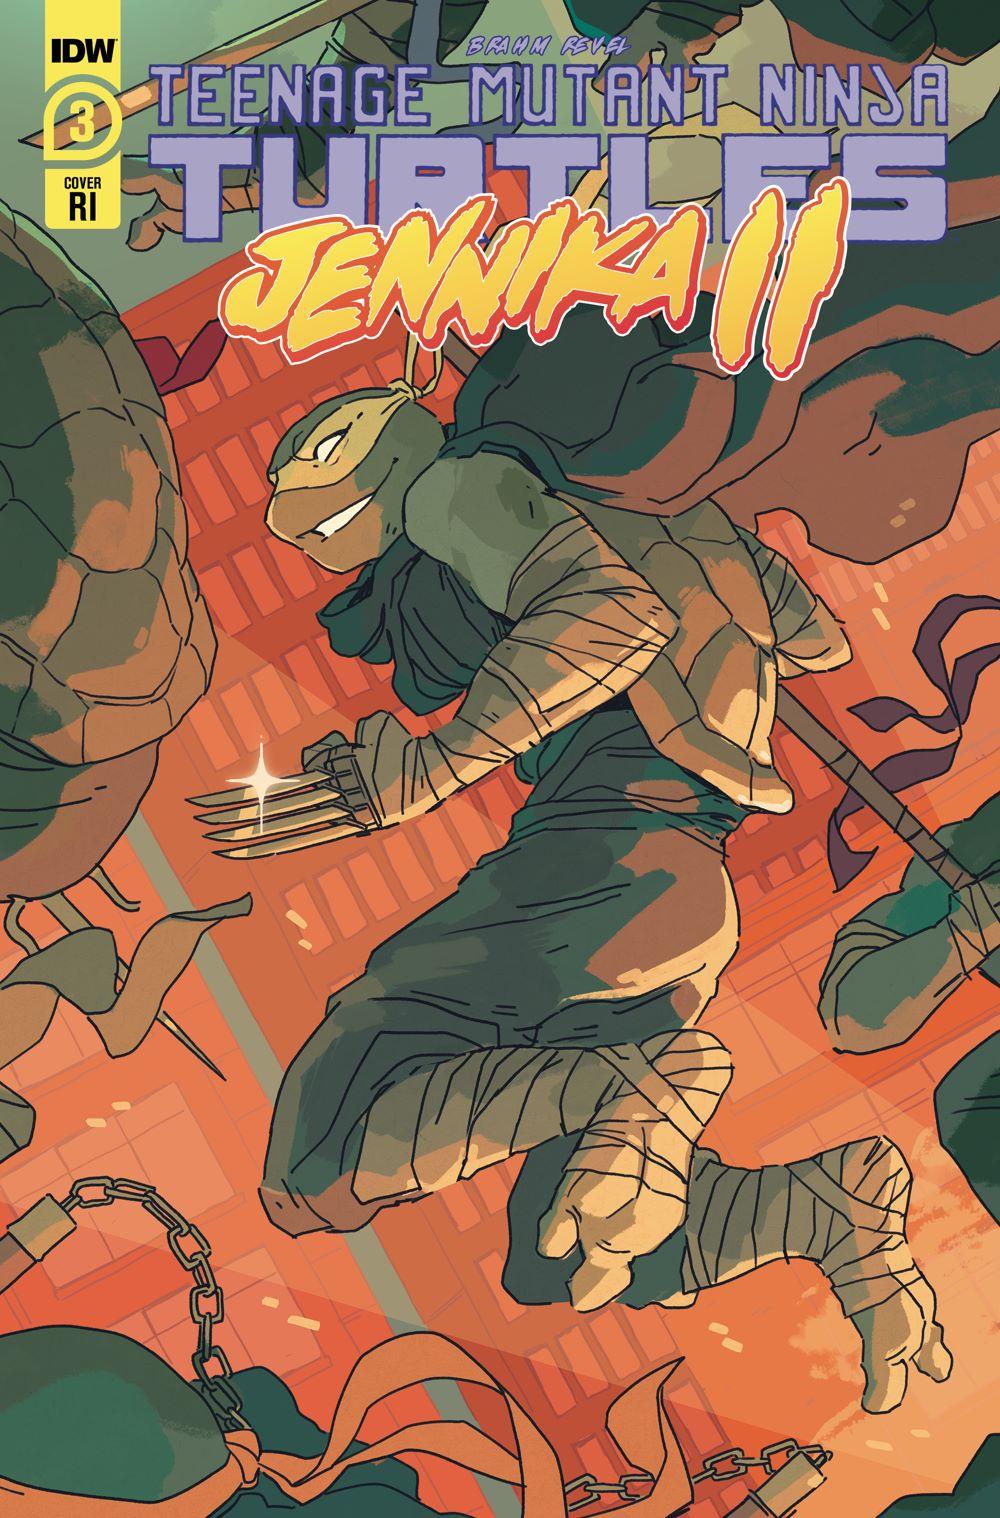 TMNT-JennikaII_03_cvrRI ComicList: IDW Publishing New Releases for 01/20/2021